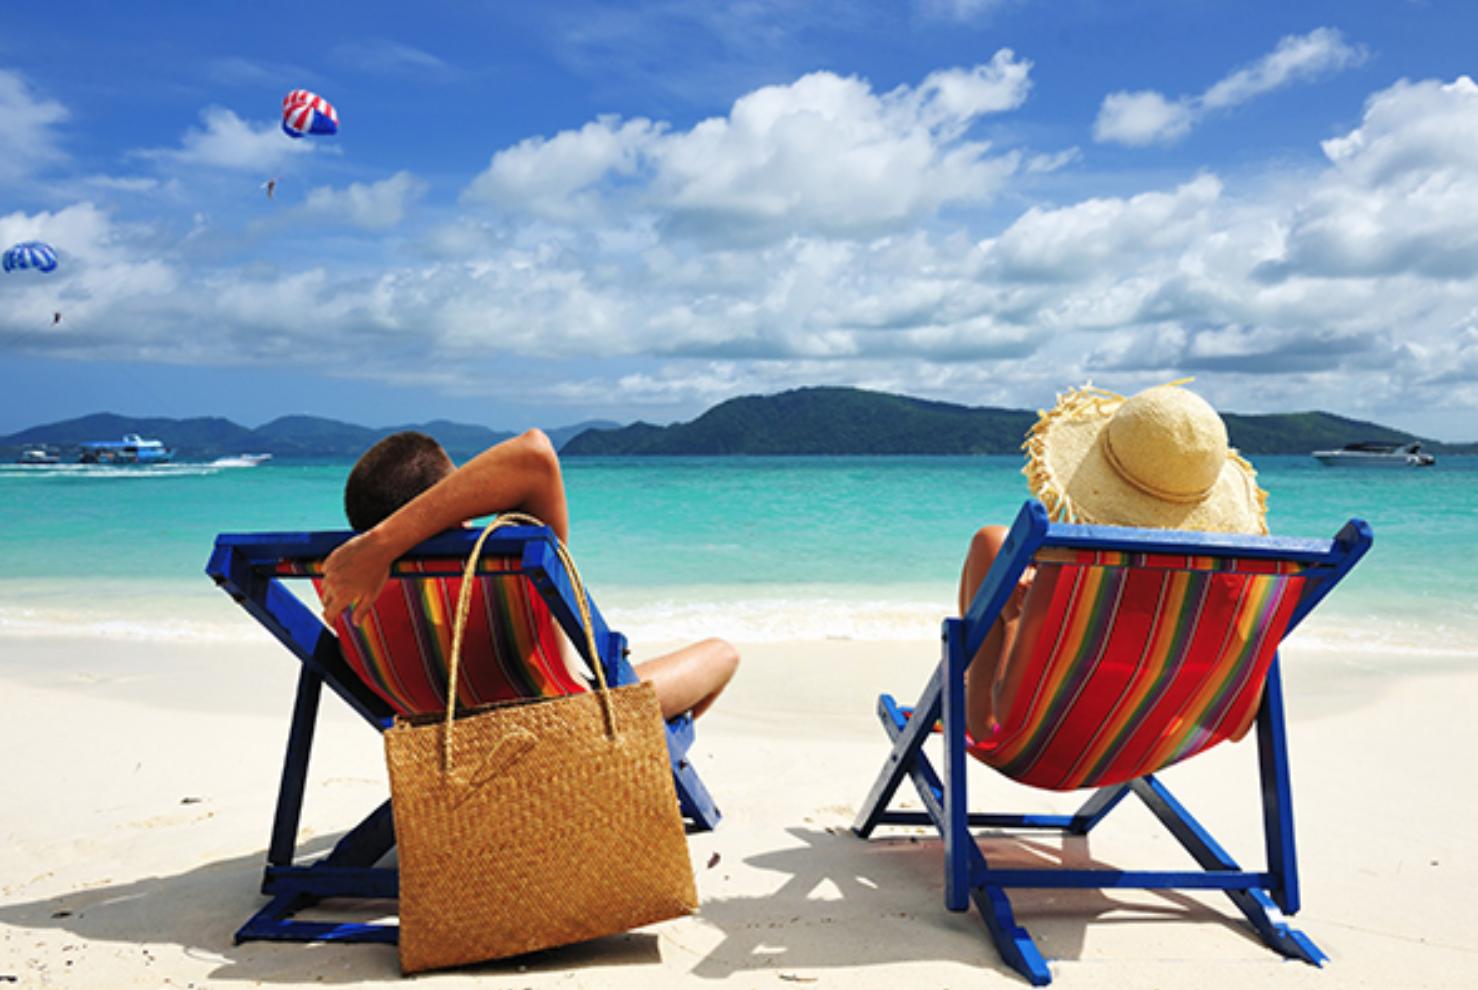 เที่ยวทะเลไทย… เตรียมตัวไปให้พร้อม